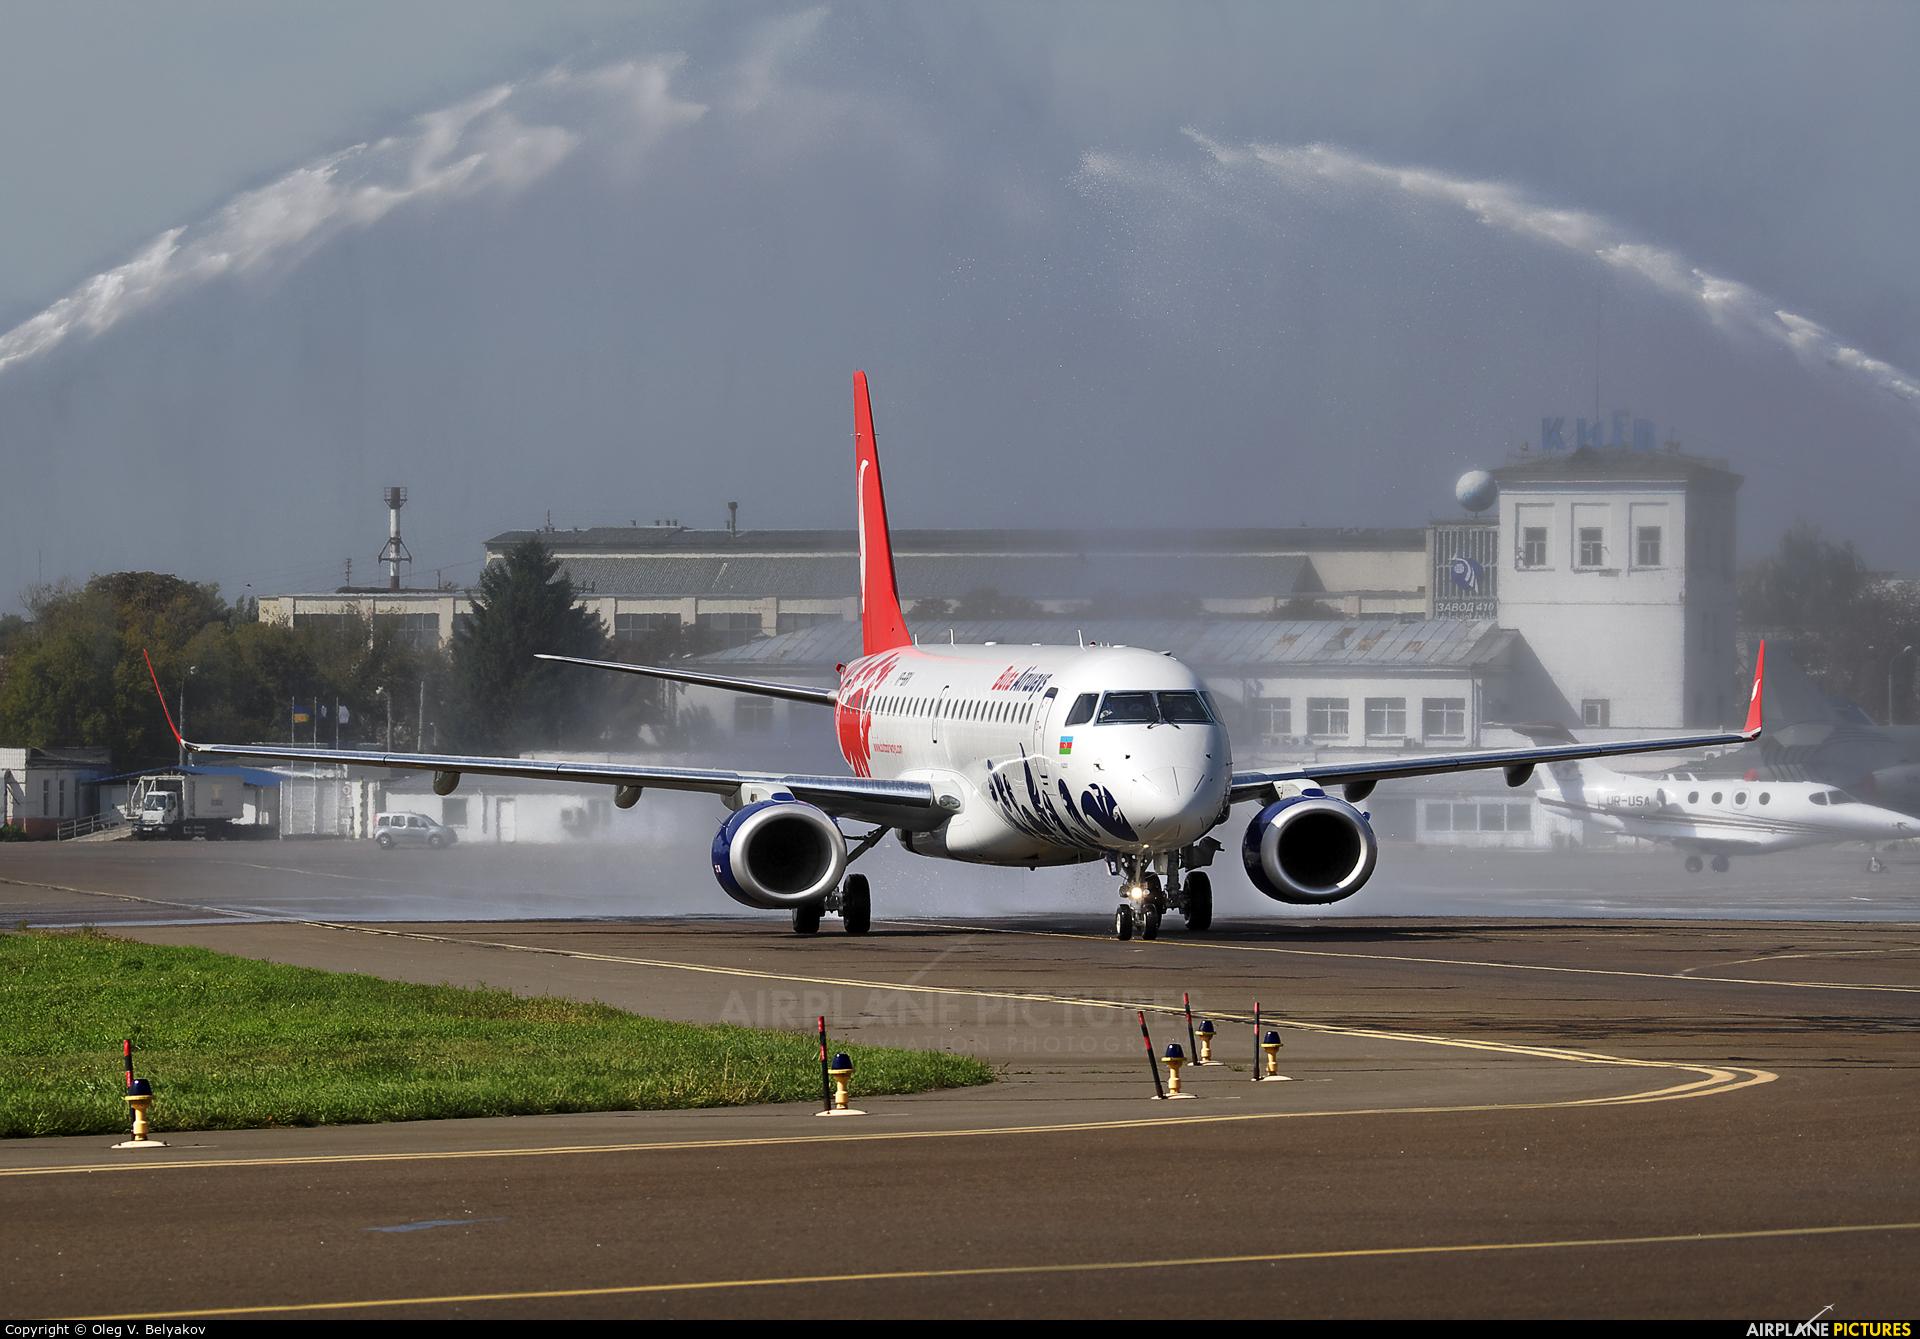 Buta Airways VP-BRV aircraft at Kiev - Zhulyany